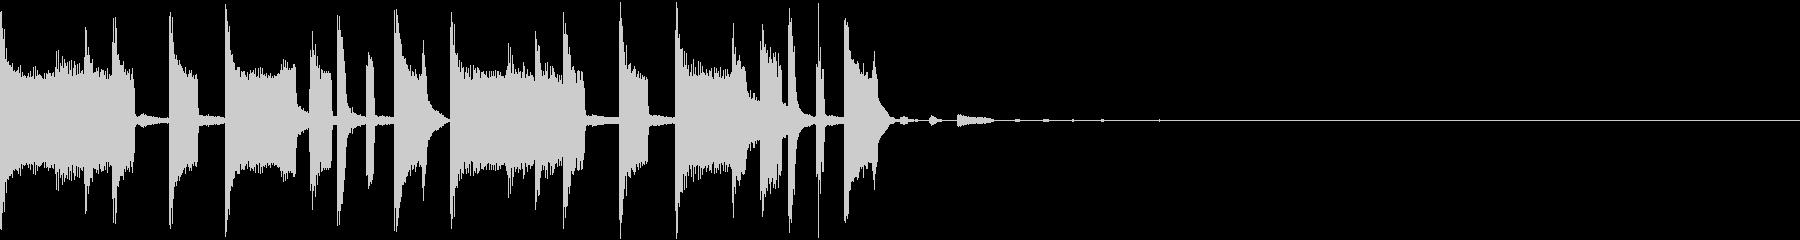 キャッチーなトラップジングル3の未再生の波形